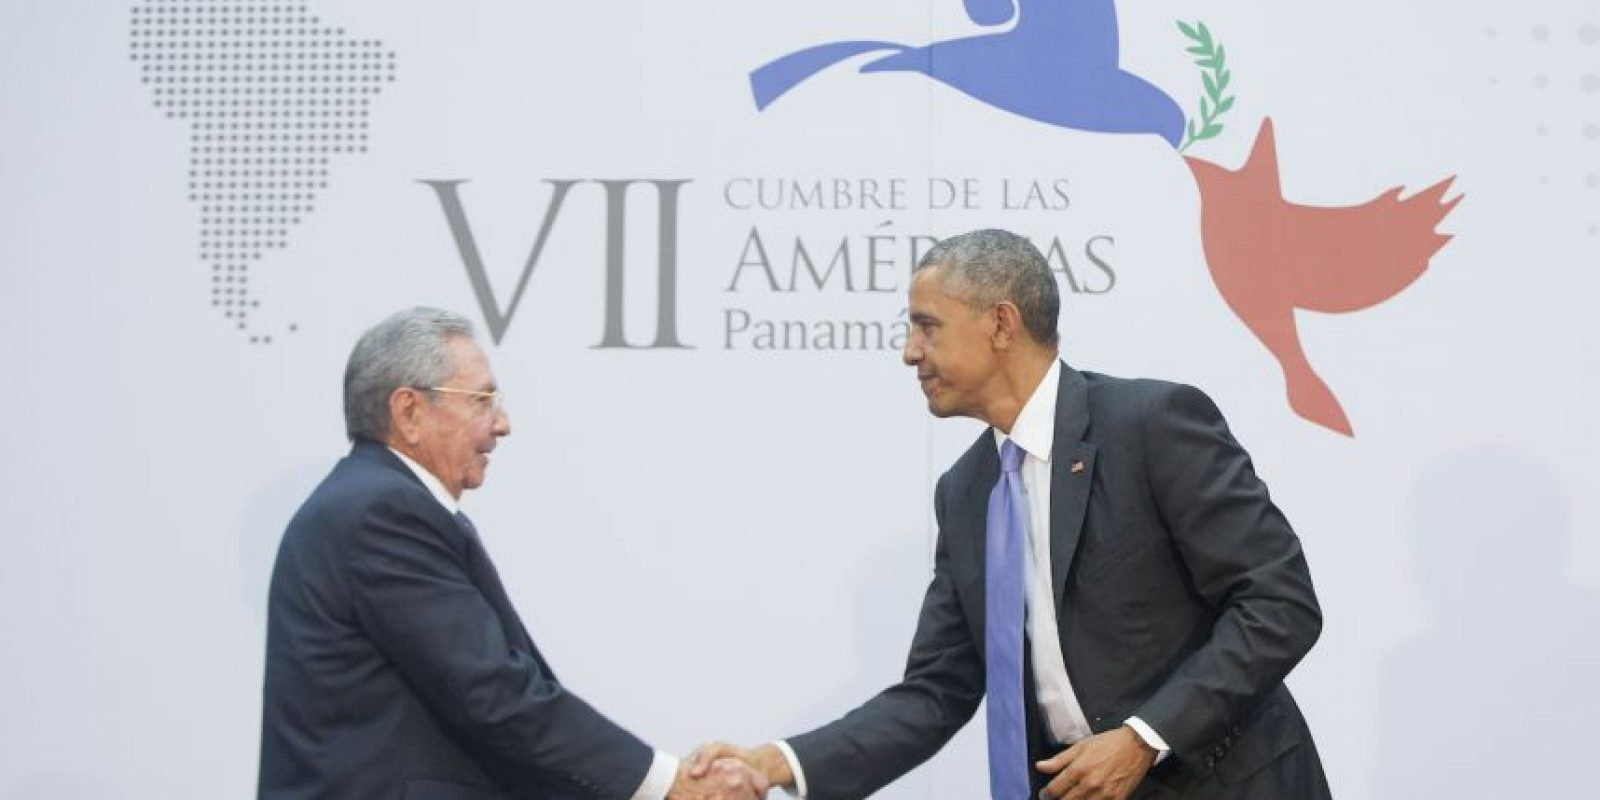 El Papa ha seguido muy de cerca el reciente diálogo entre Cuba y Estados Unidos. Foto:AP